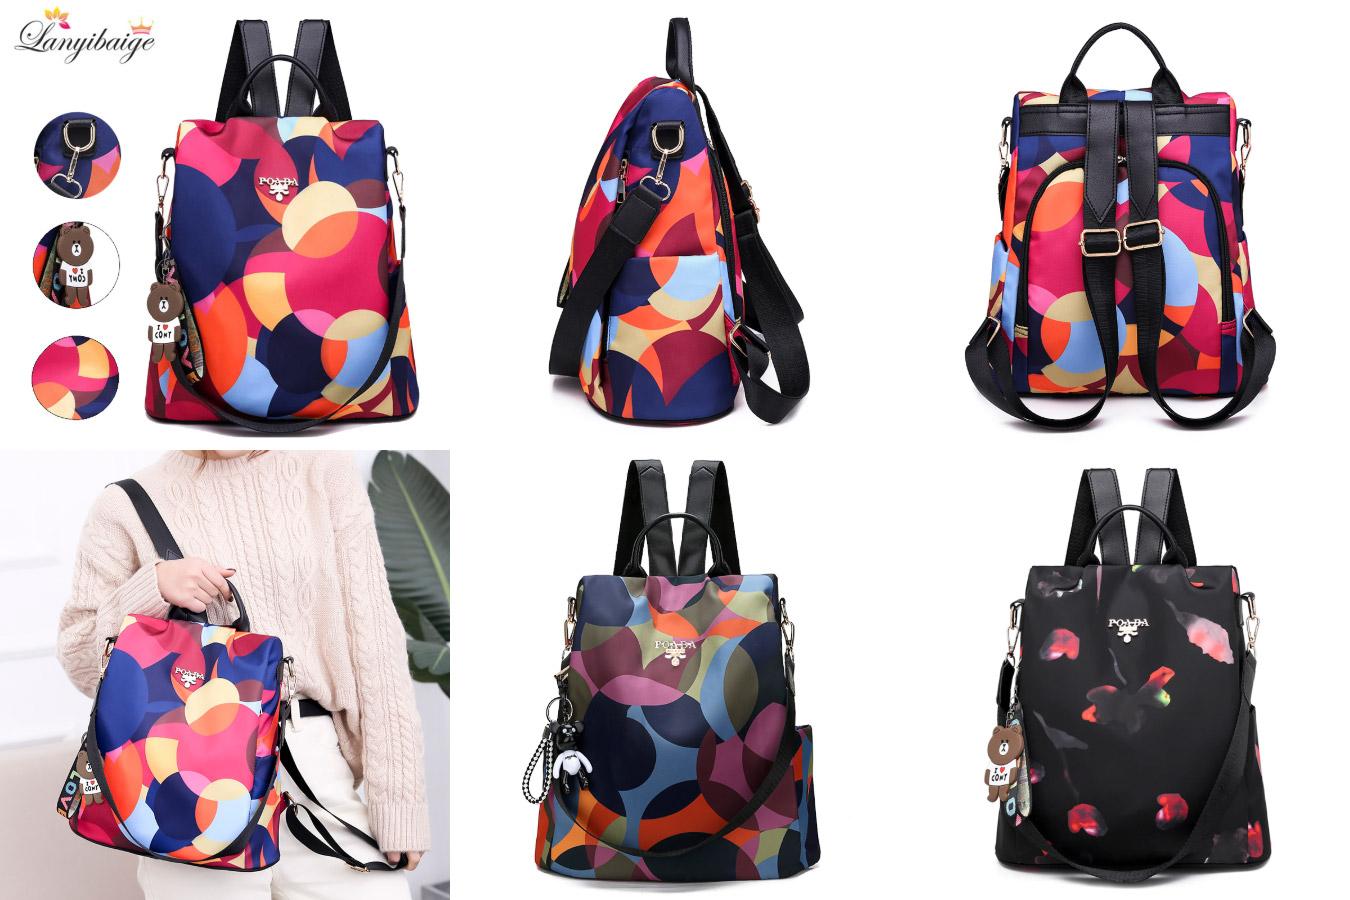 Компактная сумка в цветном дизайне